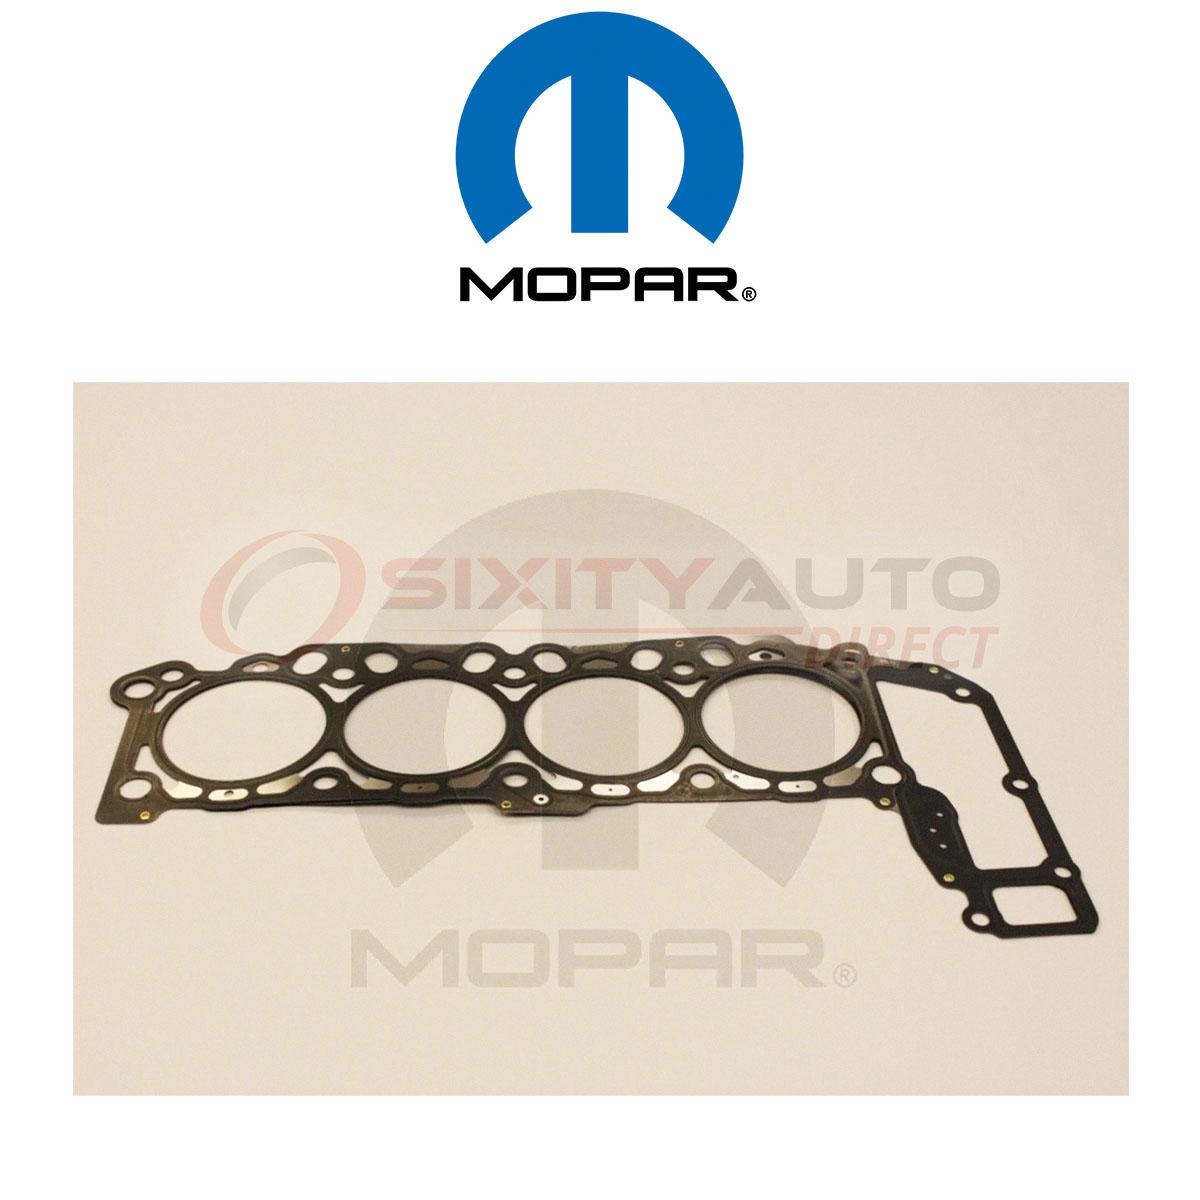 Mopar Cylinder Head Gasket for 2007-2009 Chrysler Aspen 4 ...